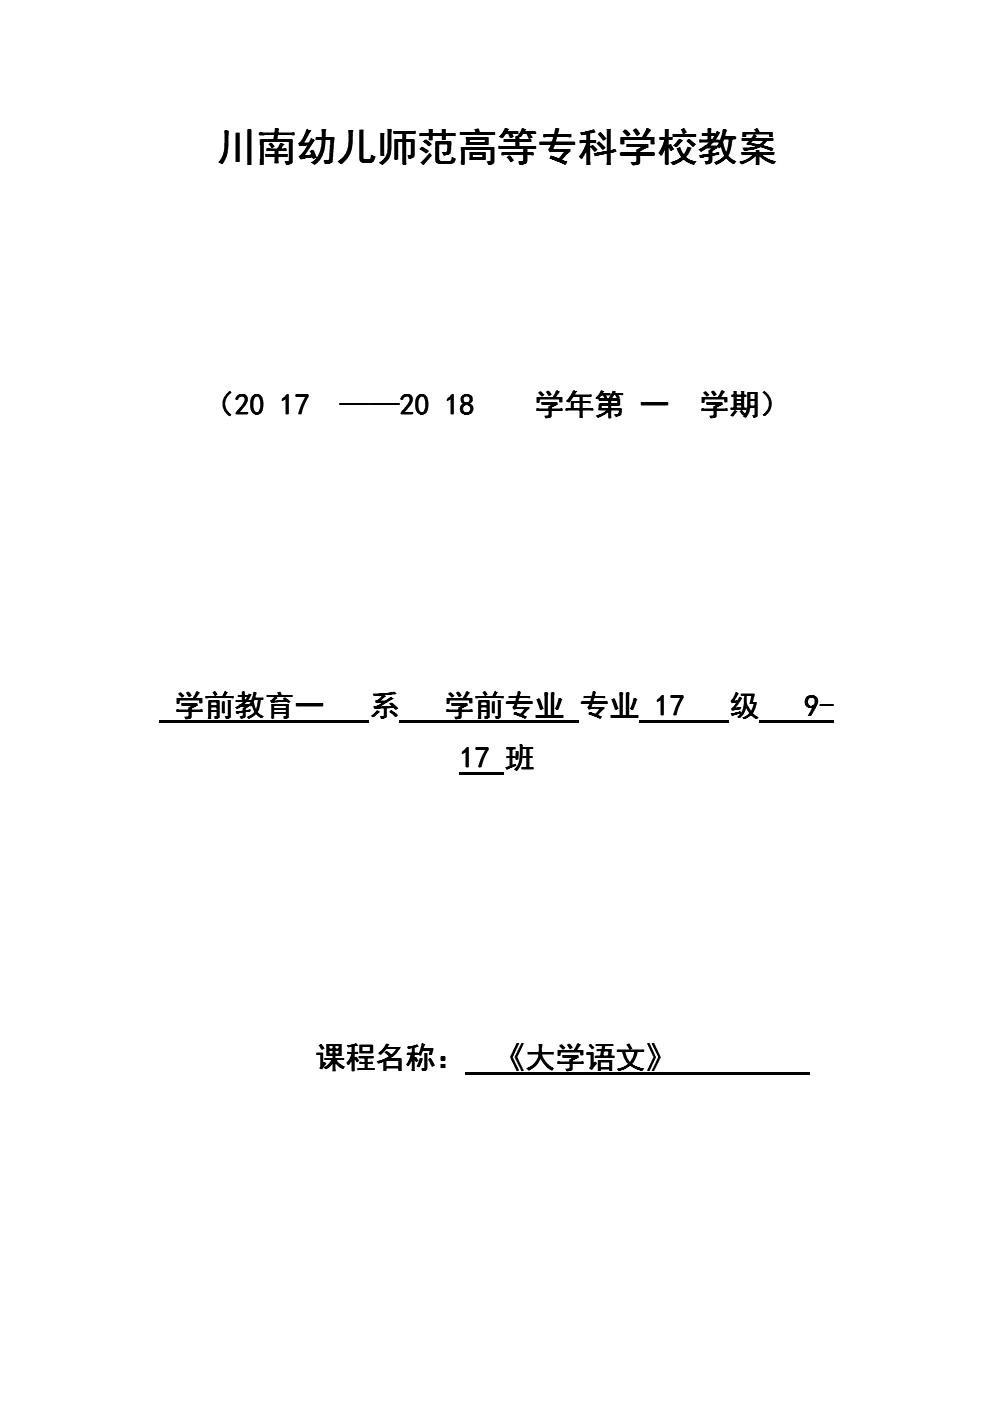 《炉中煤—眷念祖国的情绪》教案.docx